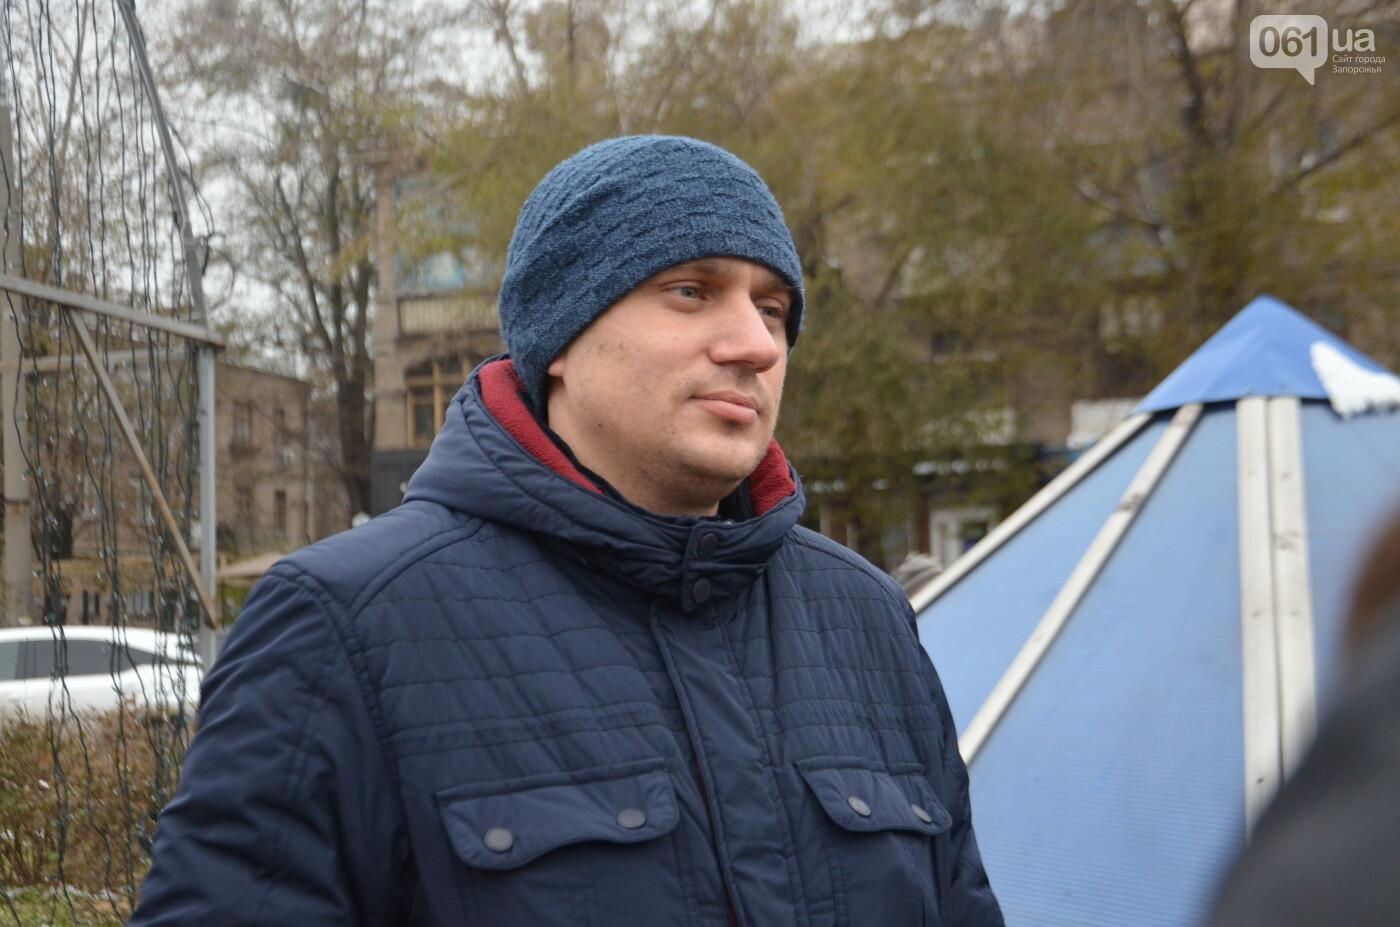 В Запорожье на бульваре Шевченко начали монтировать новогодний городок на БШ за 1,8 миллиона гривен, фото-25